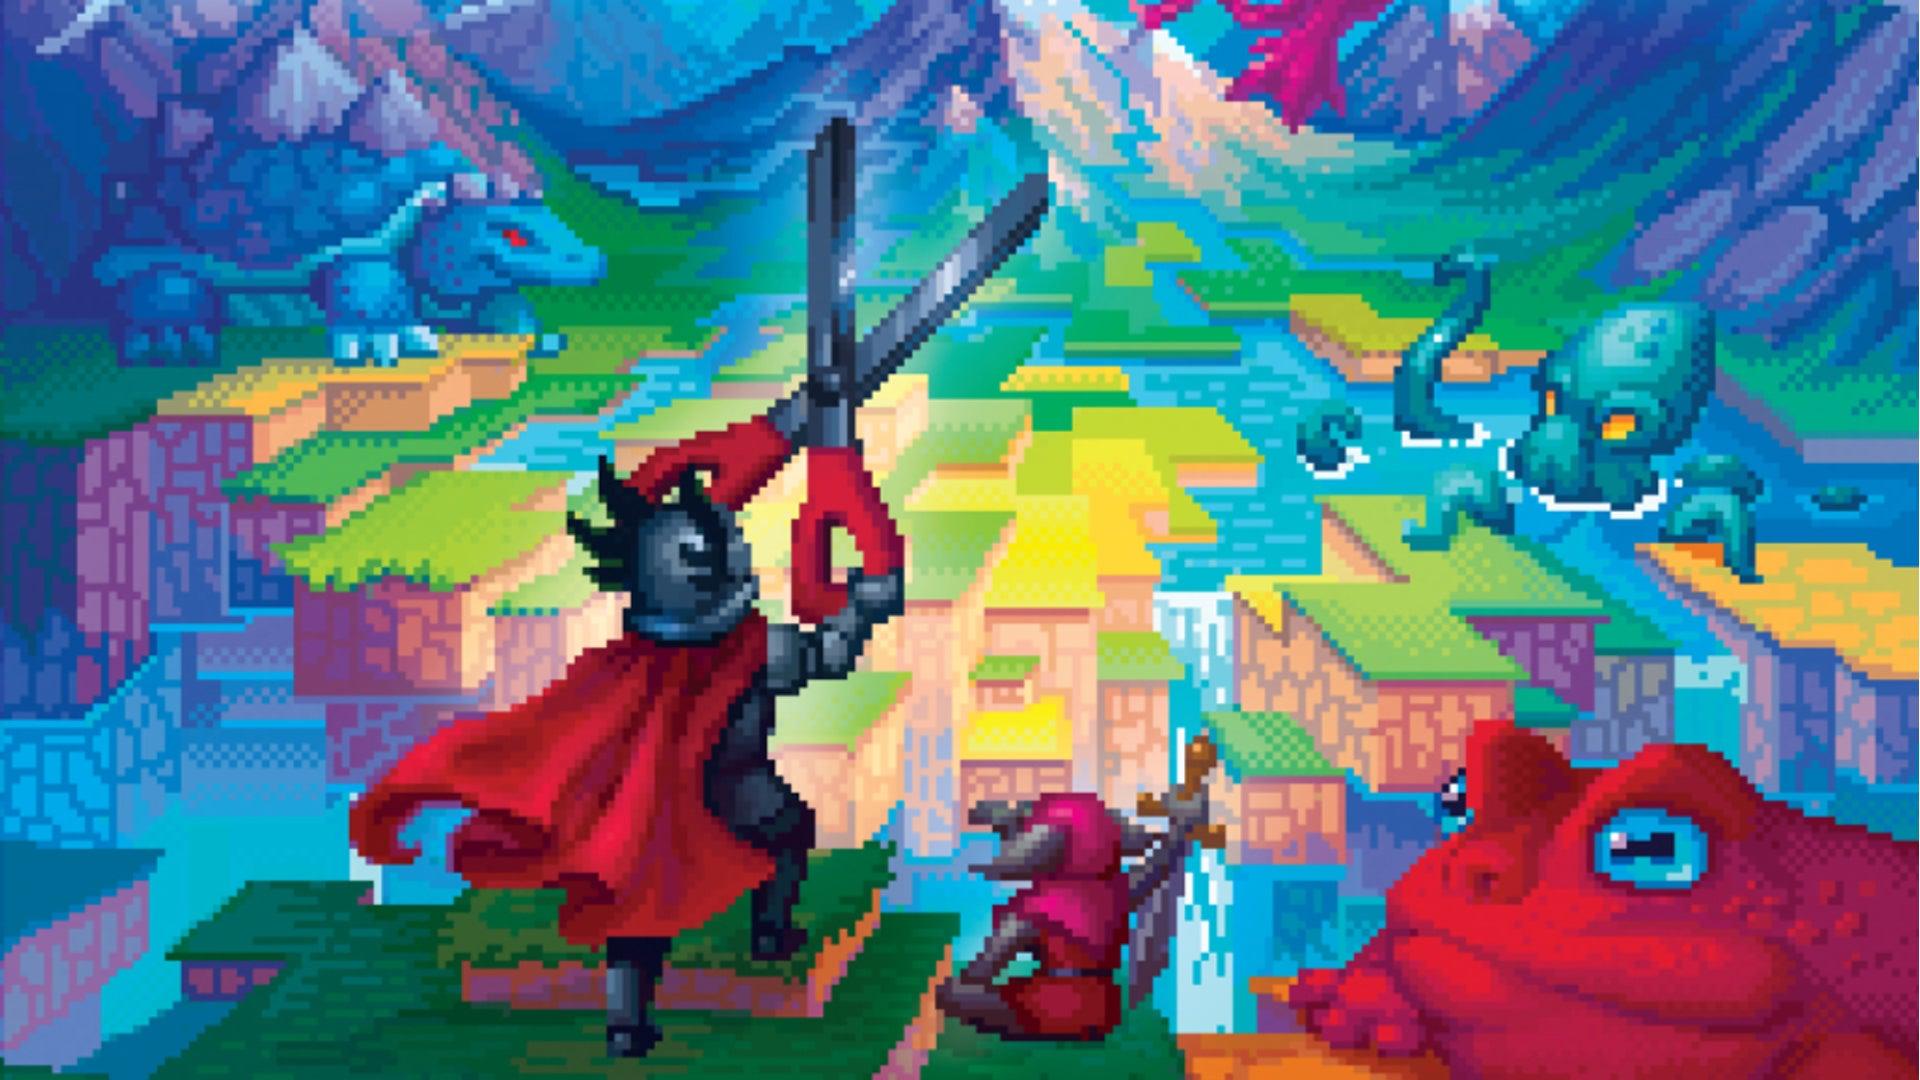 Cutterland board game artwork